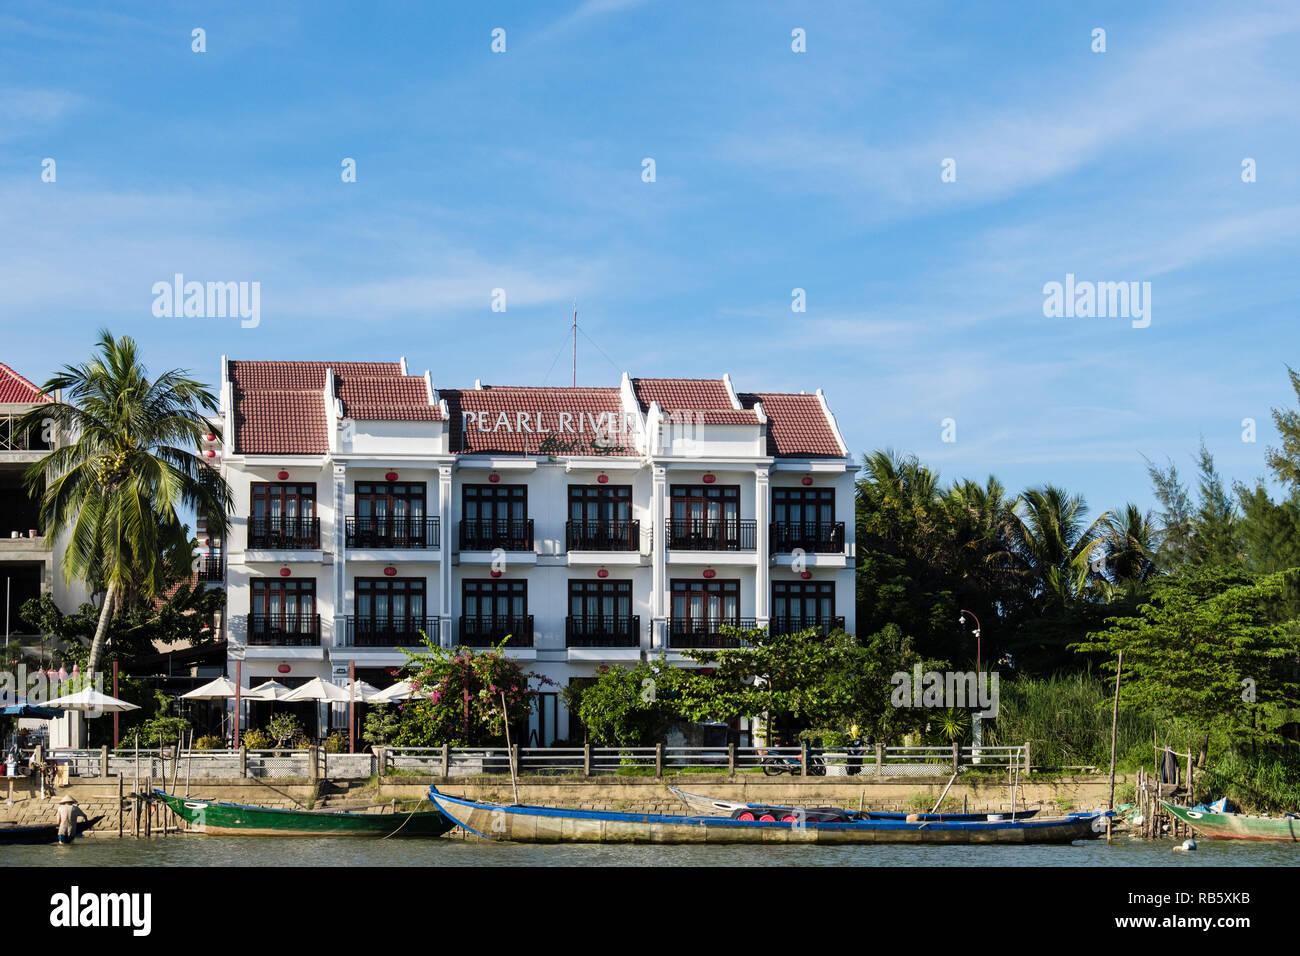 Vue avant du riverside moderne Pearl River Hotel and Spa sur la rivière Thu Bon. Hoi An, Quang Nam Province, Vietnam, Asie. Vu de la rivière Photo Stock